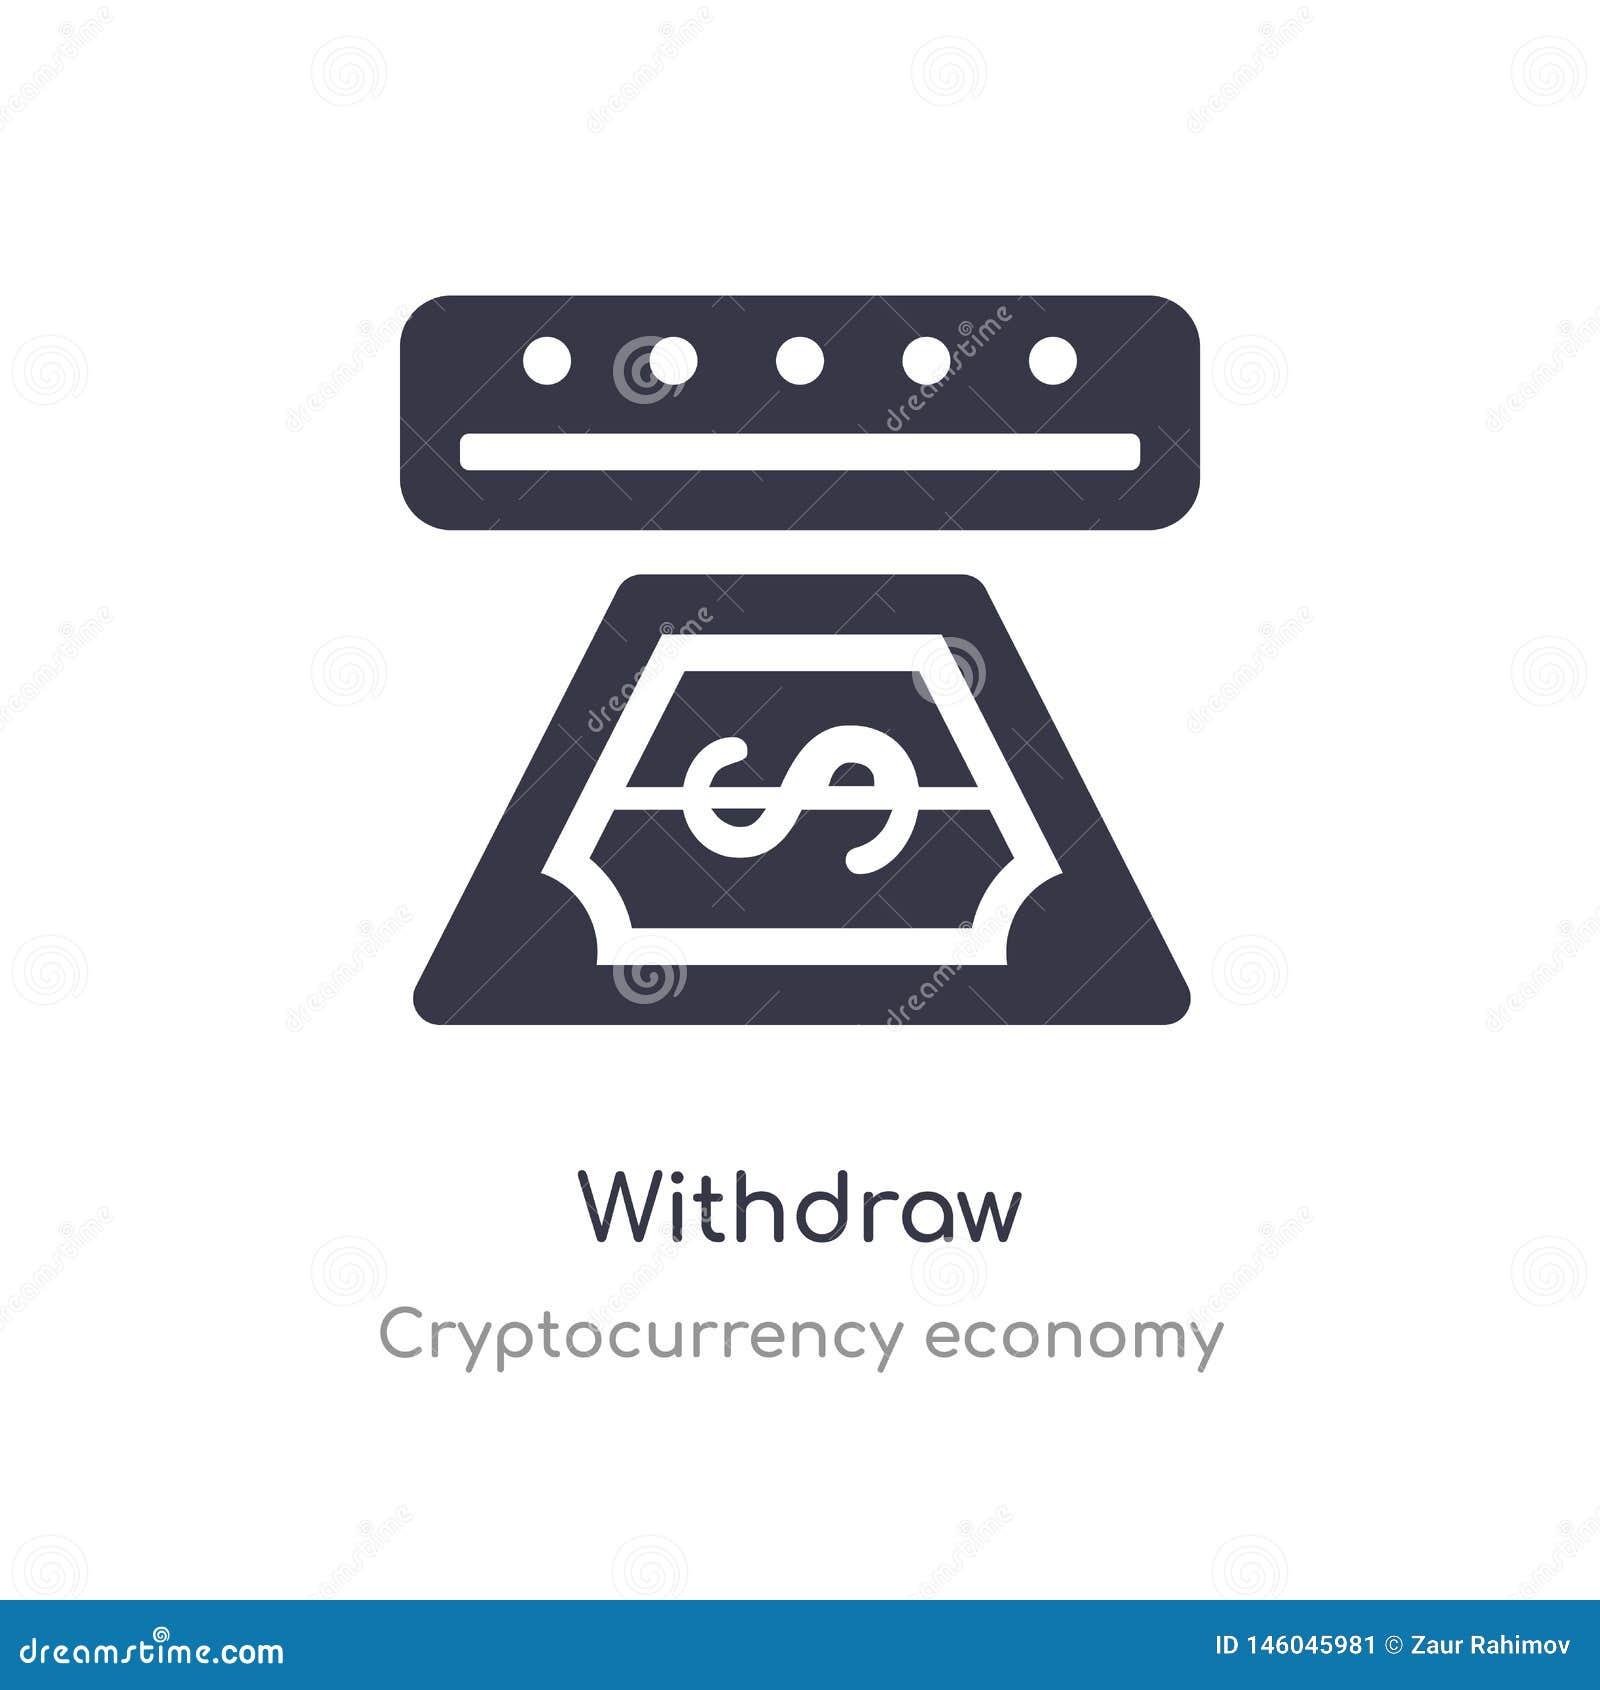 ?terta symbolen isolerat återta symbolsvektorillustrationen från cryptocurrencyekonomisamling redigerbart sjunga symbolet kan var